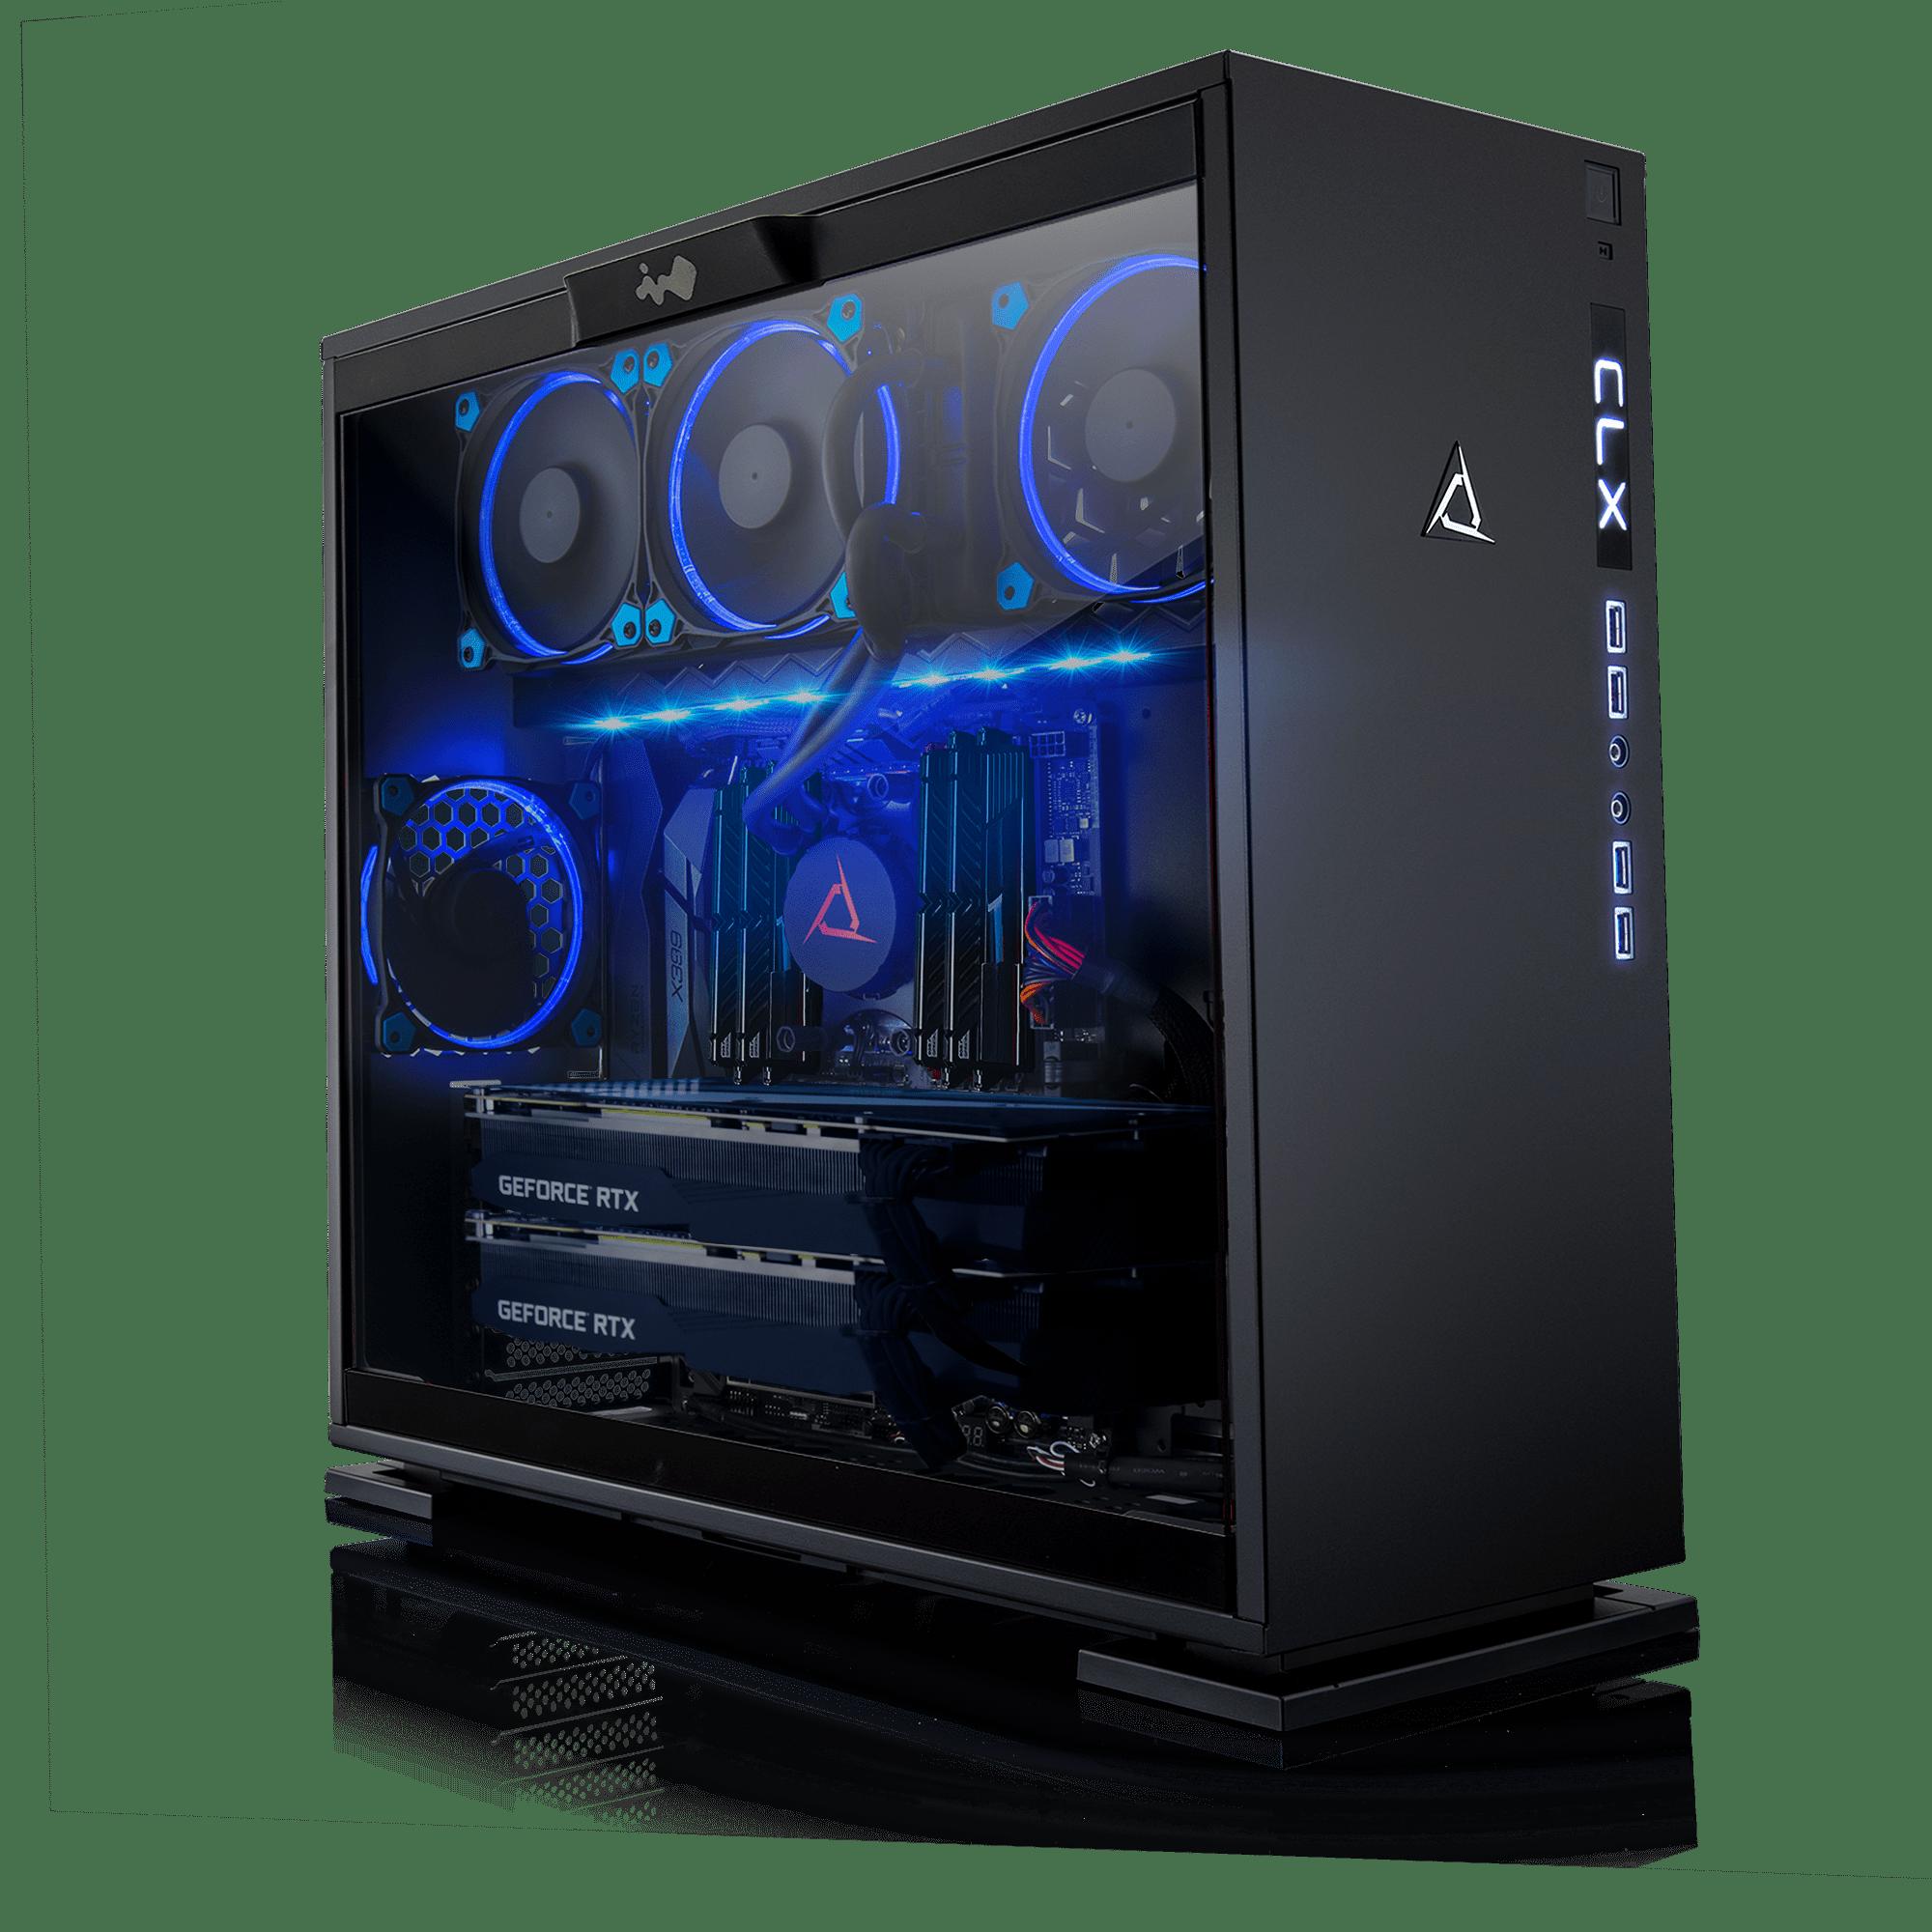 CLX Set GAMING PC AMD Ryzen Threadripper 2990WX 3.40GHz (32 Cores) 32GB DDR4 6TB HDD & 960GB SSD Dual NVIDIA RTX 2080 Ti 11GB GDDR6 in SLI MS Windows 10 64-Bit